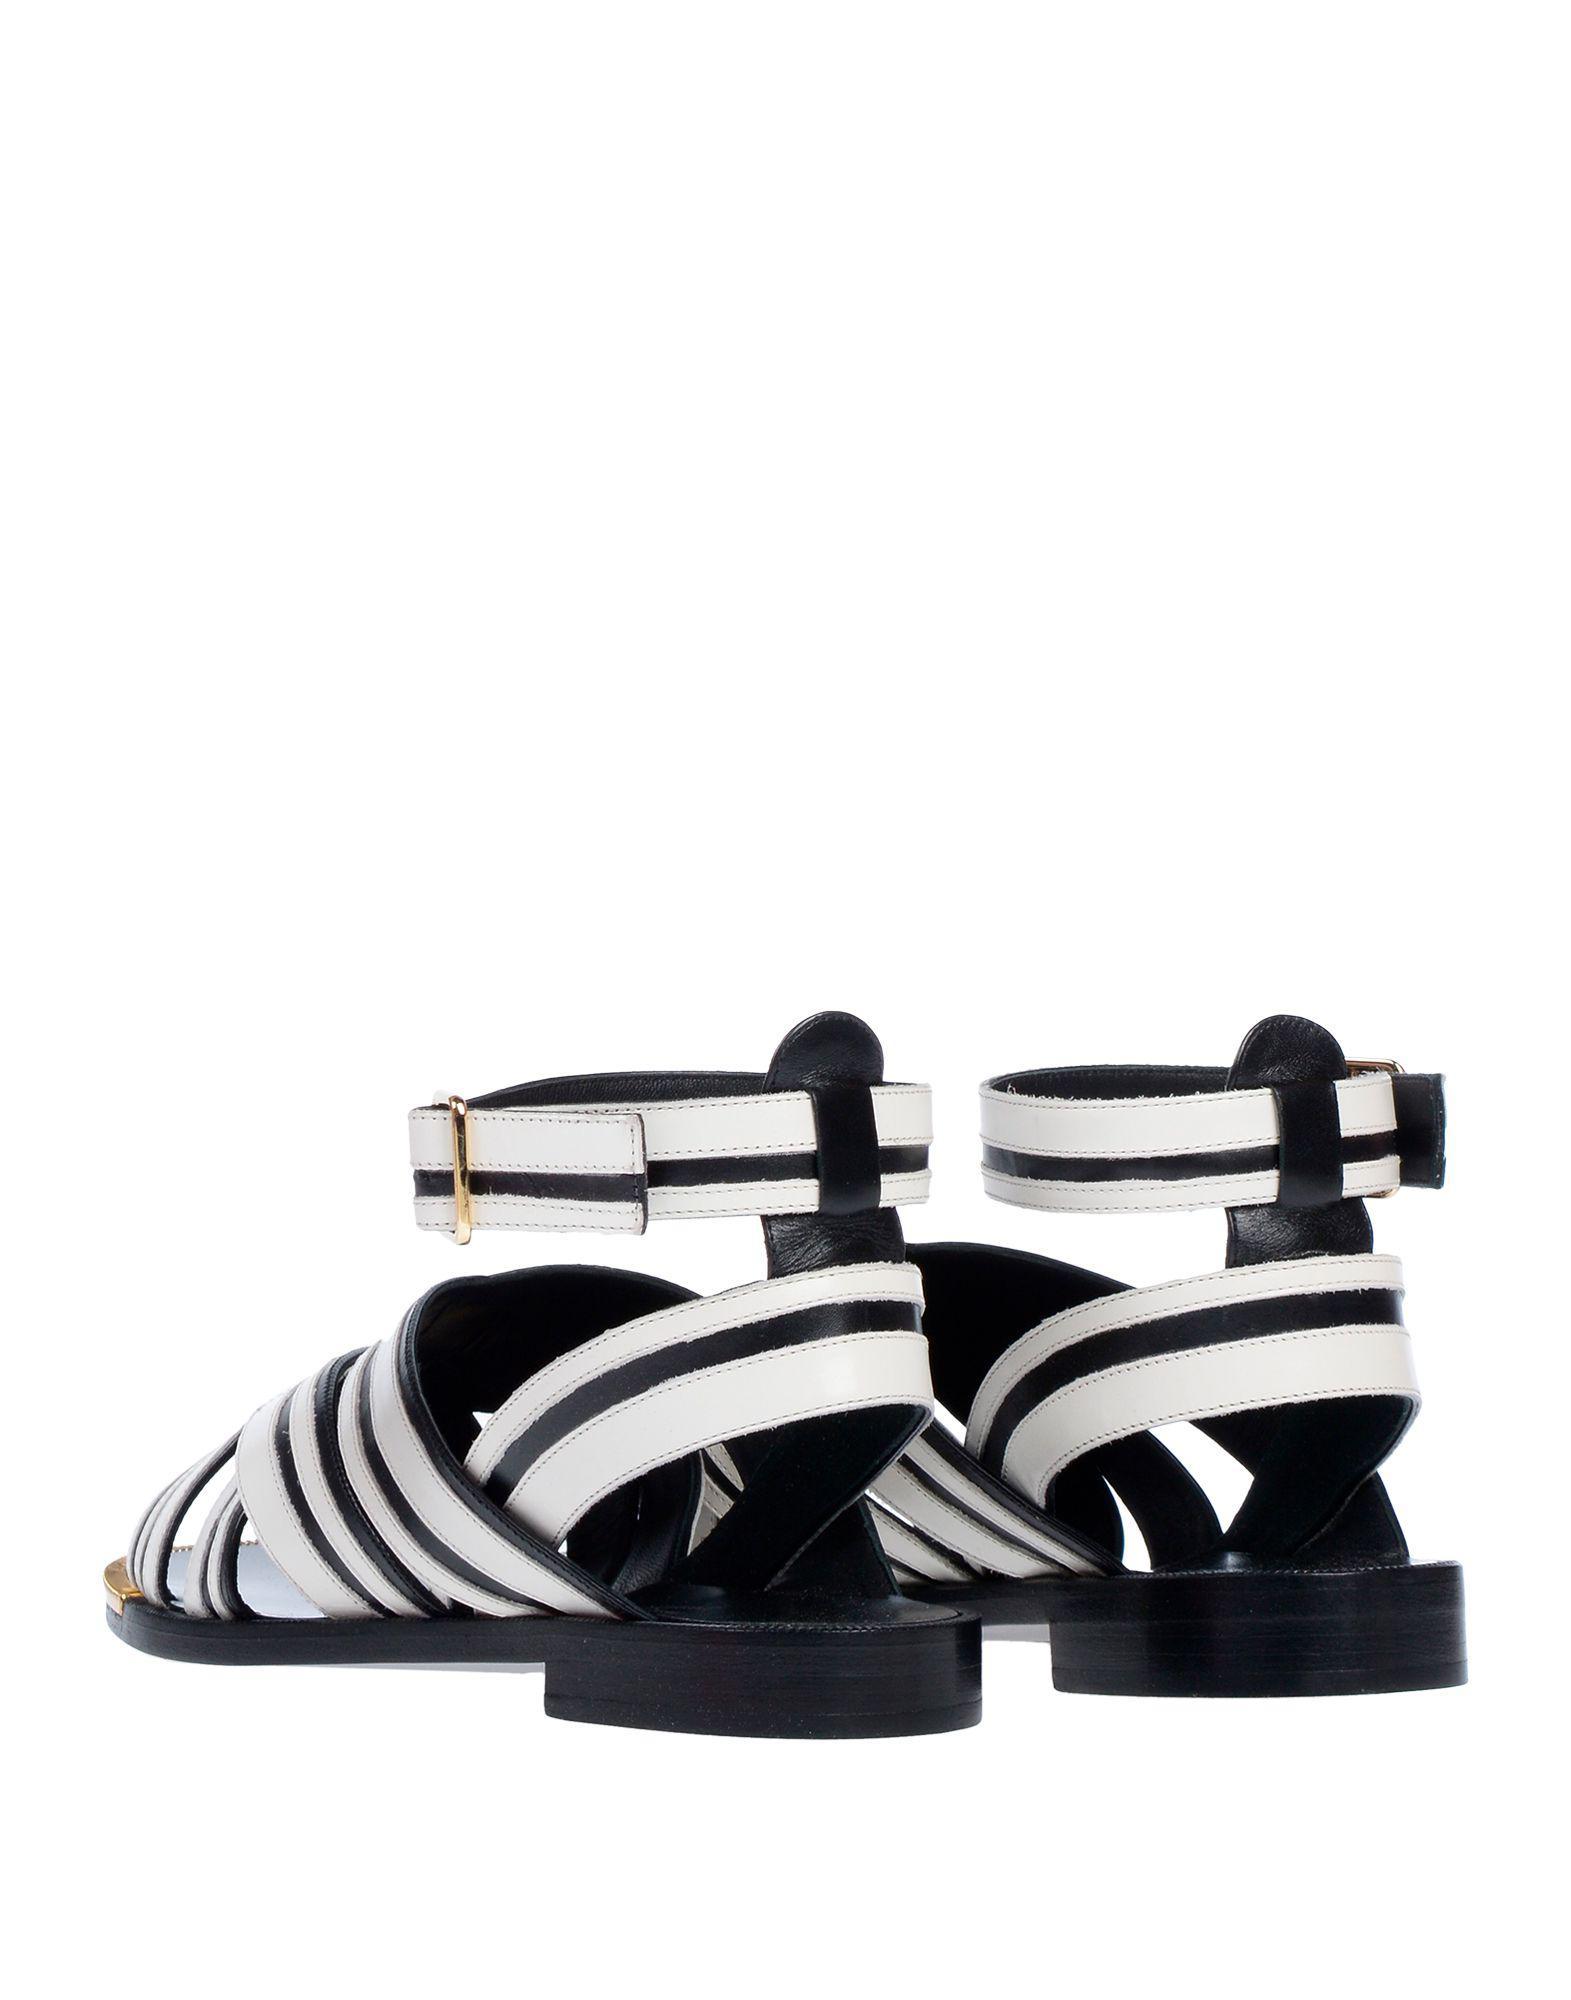 Sandals Lyst Ferragamo Lyst Sandals In Gray Ferragamo In Nw8n0vm